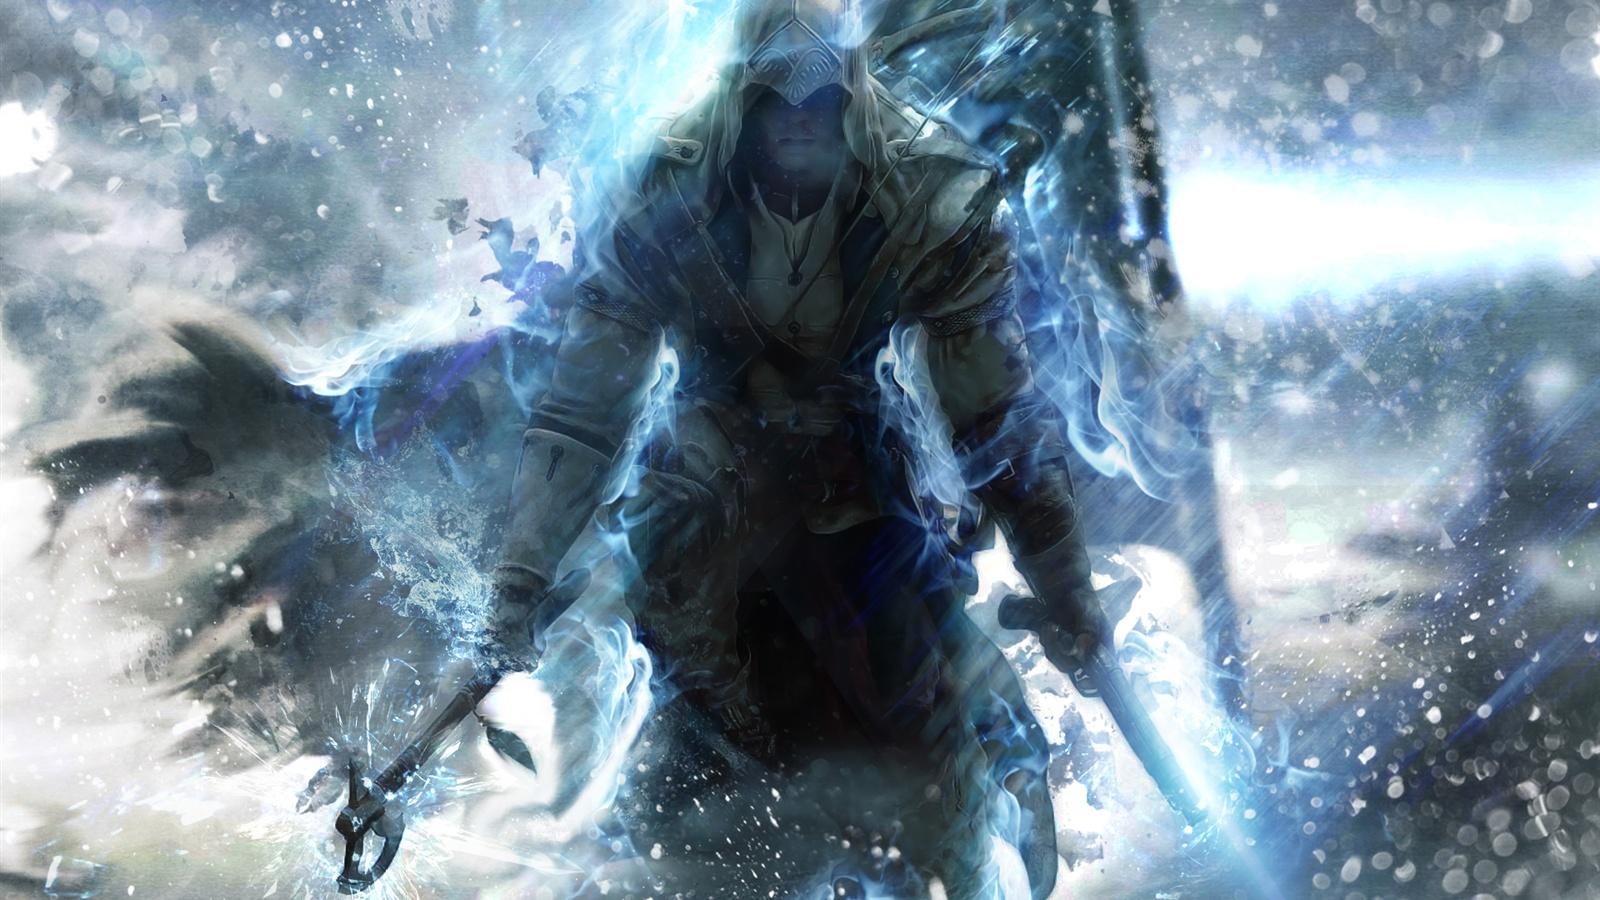 Assassin S Creed 1600x900 - kootation.